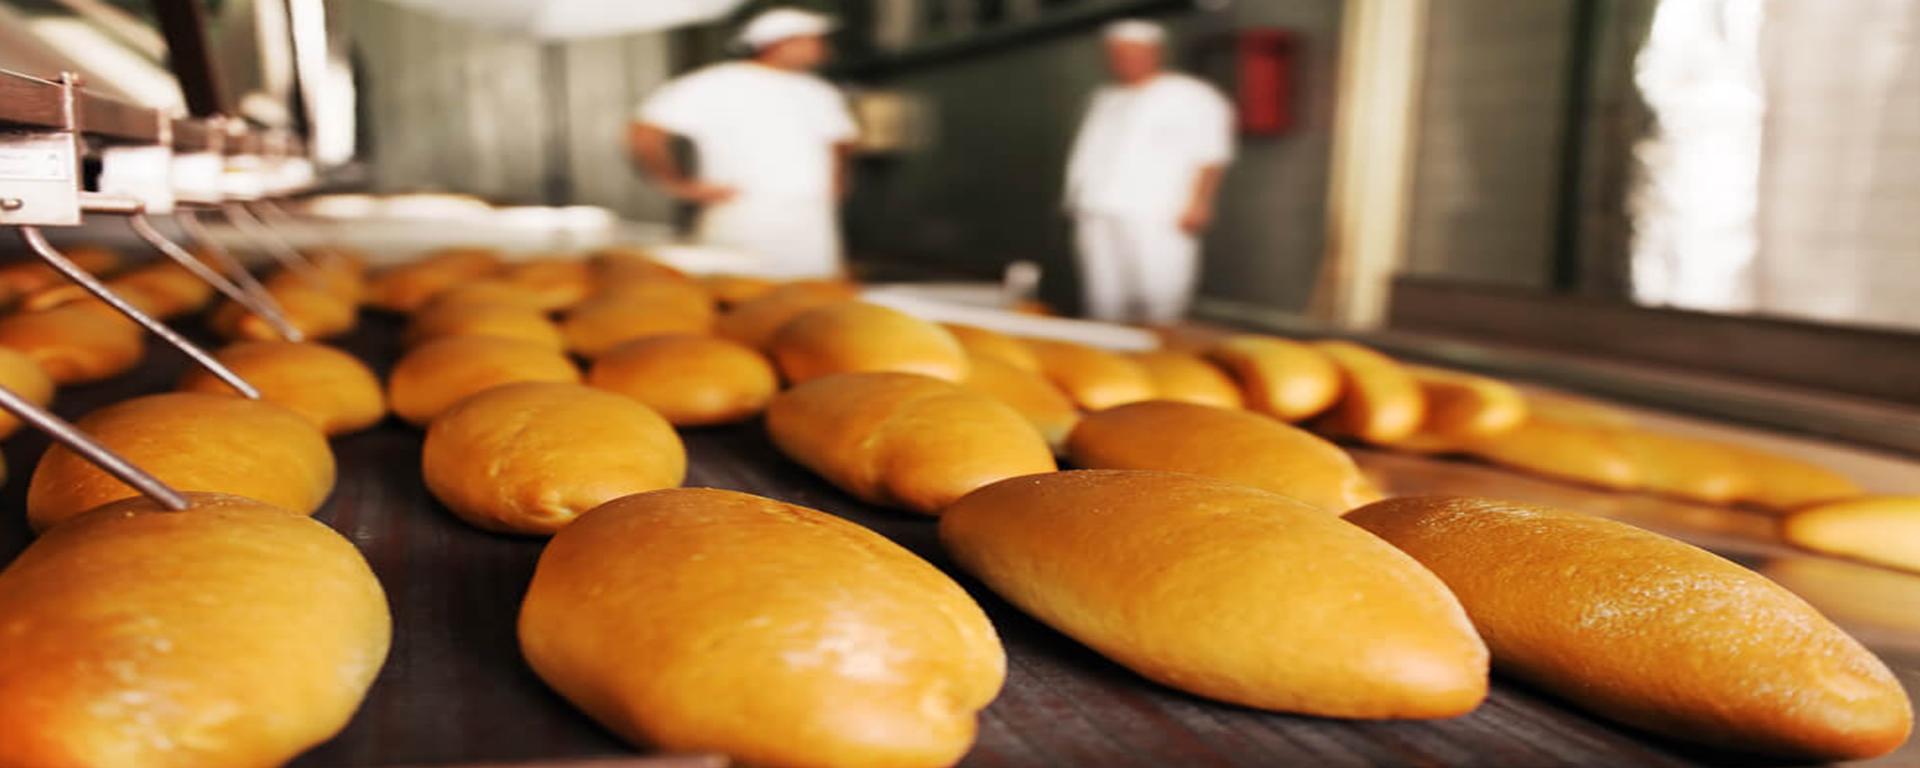 Tudo o que você precisa saber sobre padaria industrial